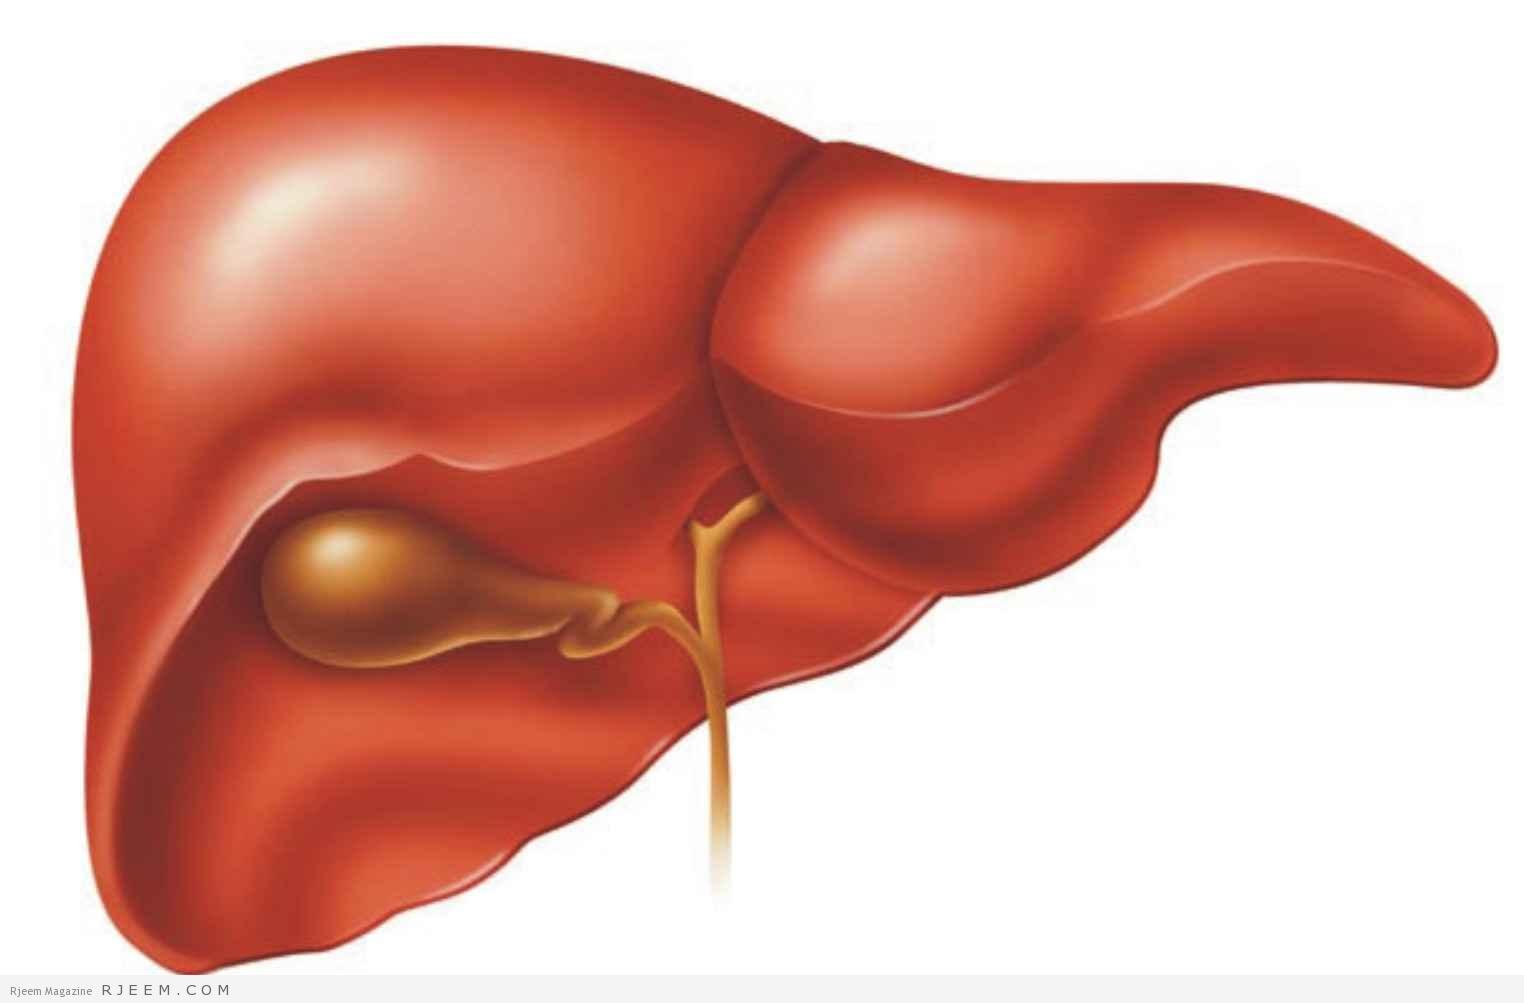 بالصور مرض الكبد الوبائي , امراض العصر و اعراضها 271 2